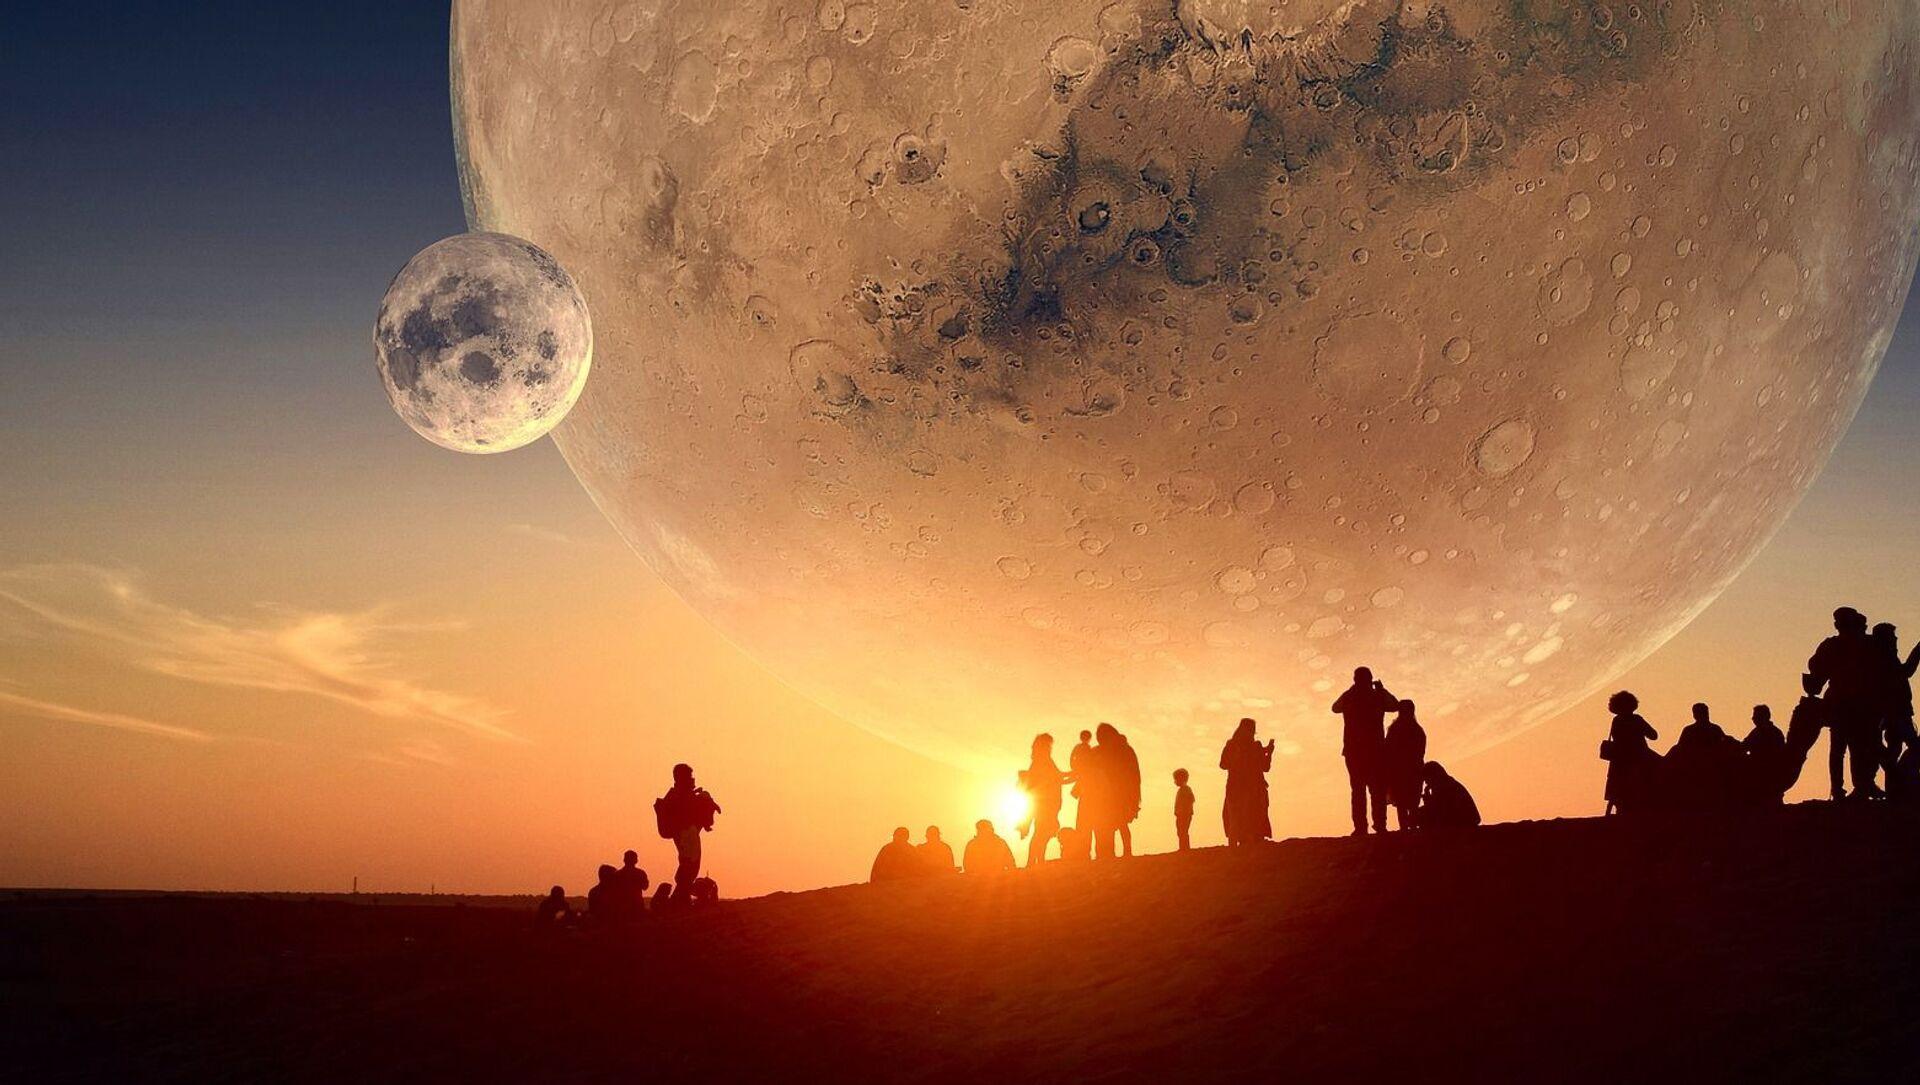 Colonisation de Mars (image d'illustration) - Sputnik France, 1920, 17.09.2021